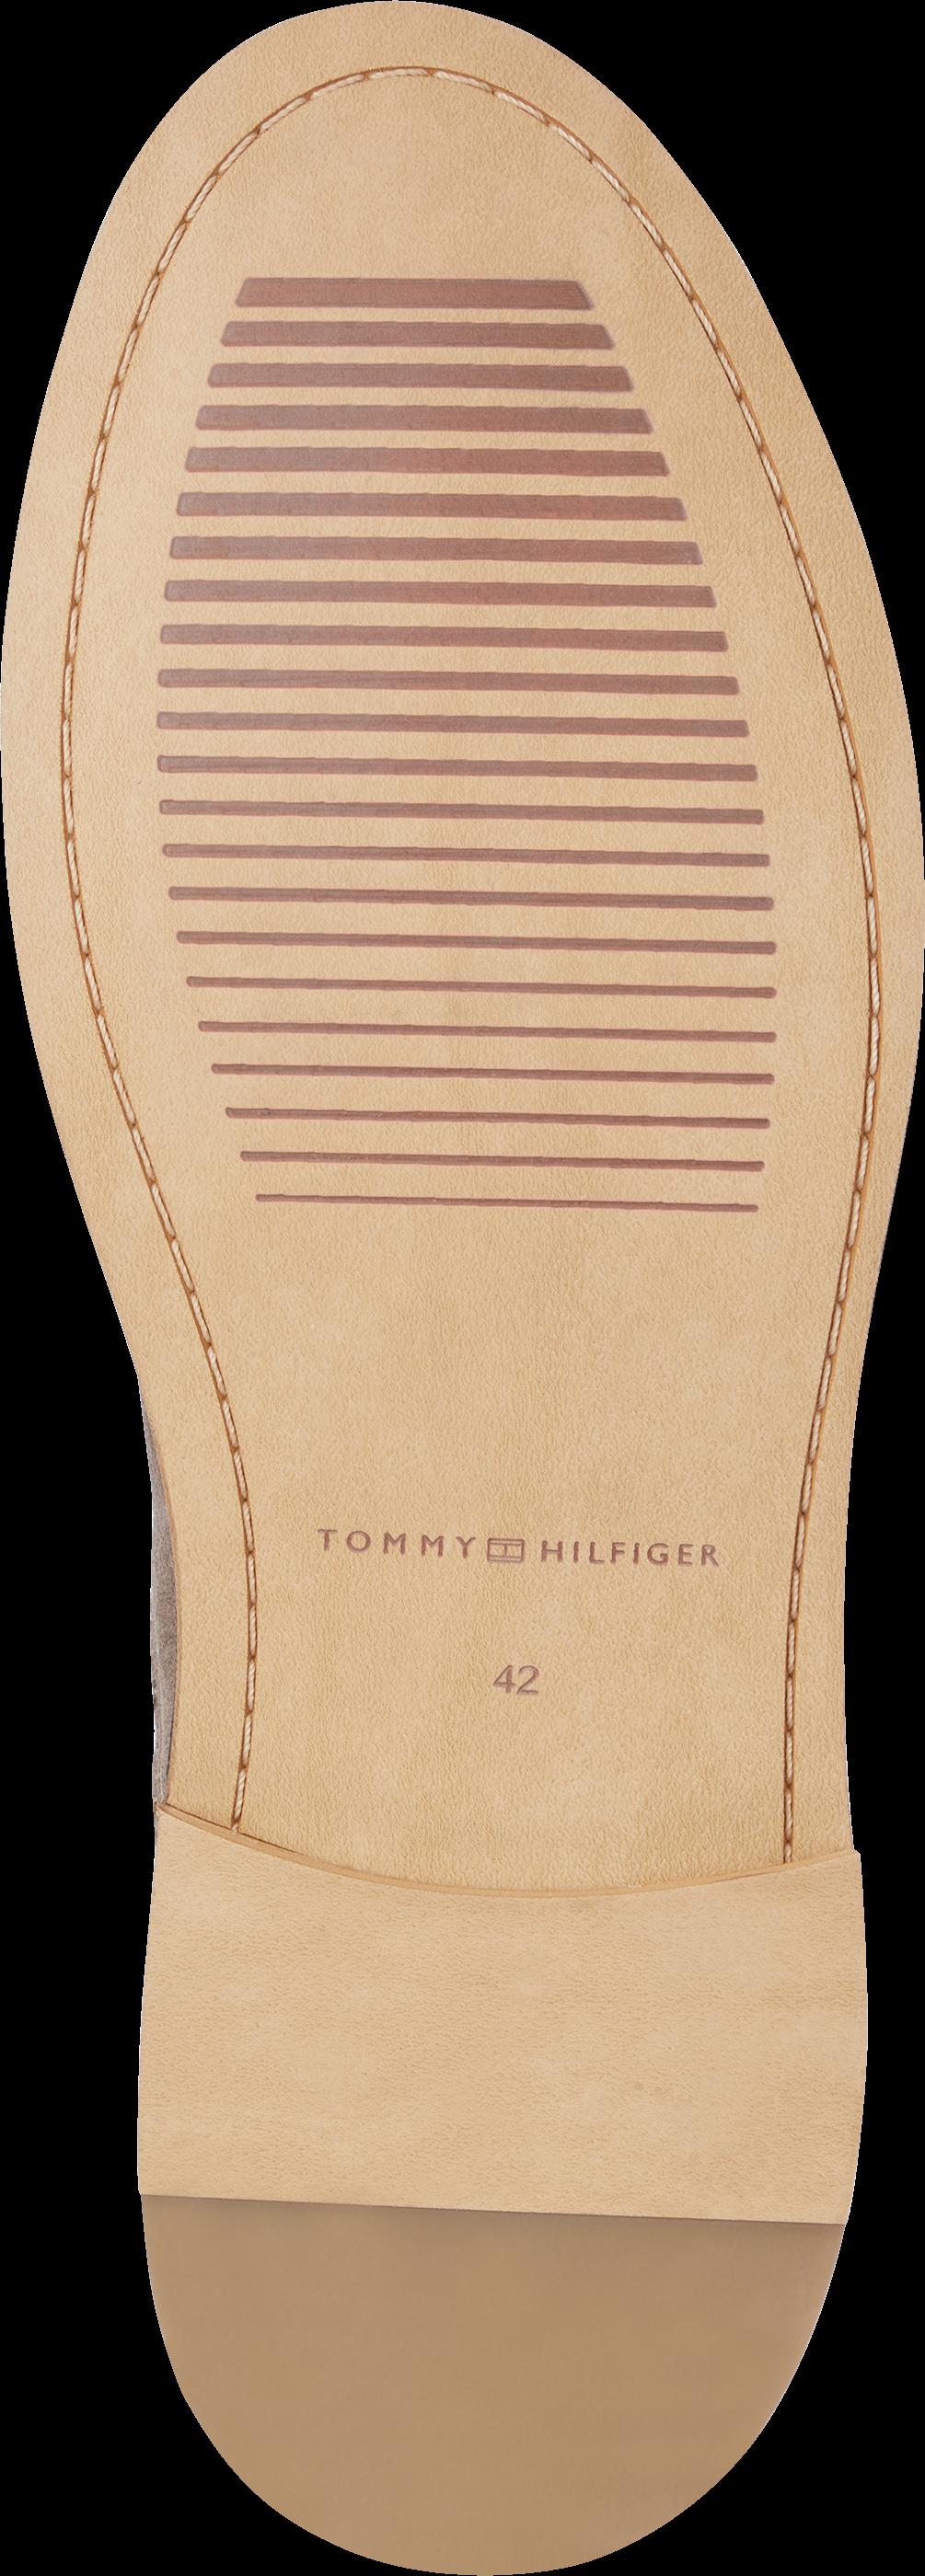 Tommy Hilfiger Suede Chelsea støvler, ridgewood, 44